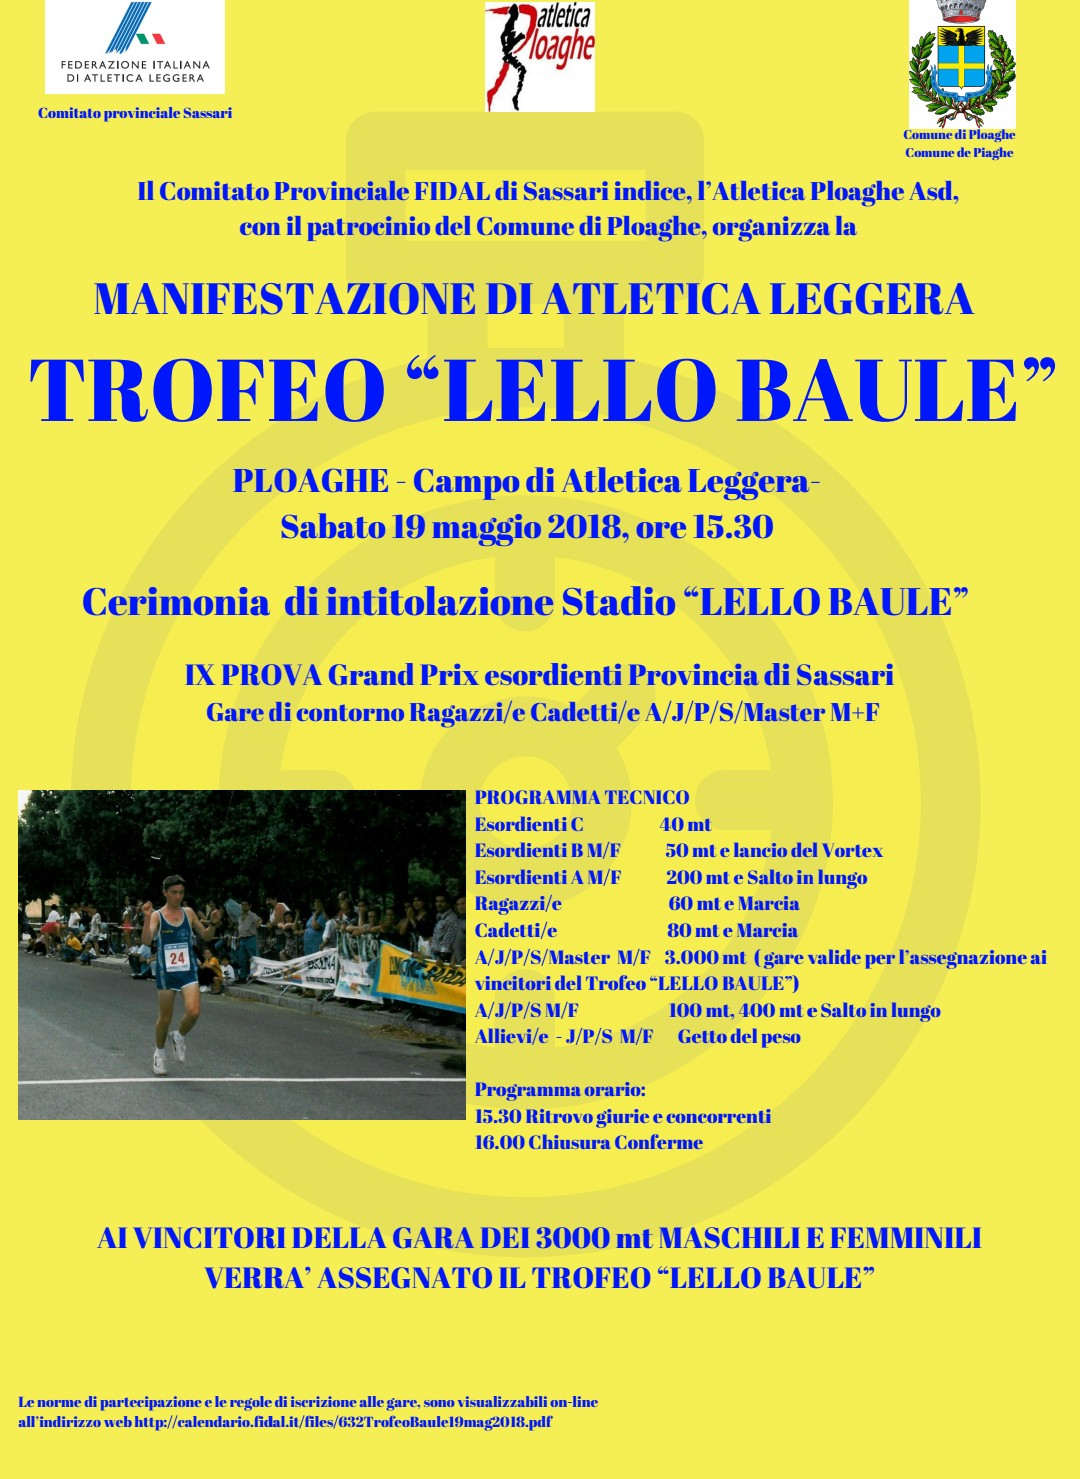 Calendario Fidal Sardegna.Trofeo Lello Baule E Cerimonia D Intitolazione Dello Stadio